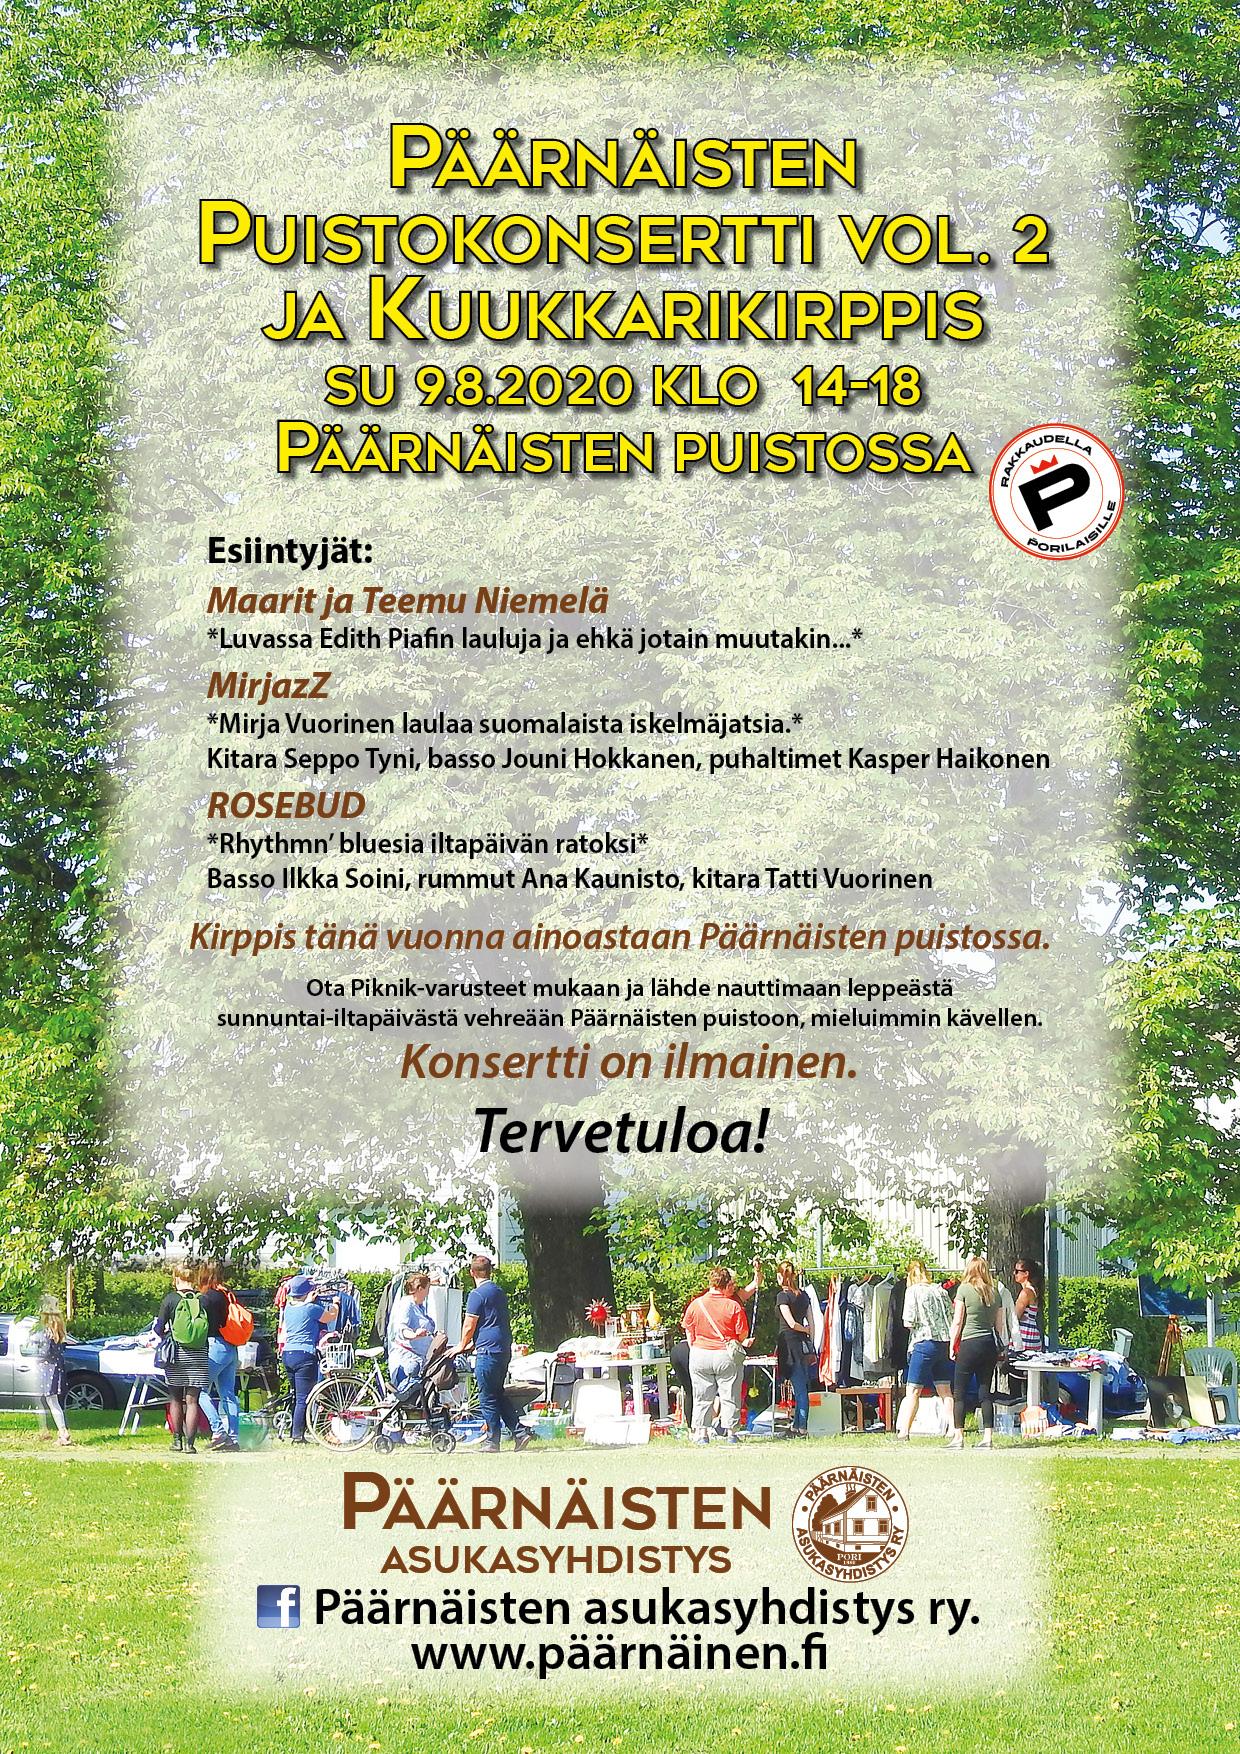 Päärnäisten Puistokonsertti vol2